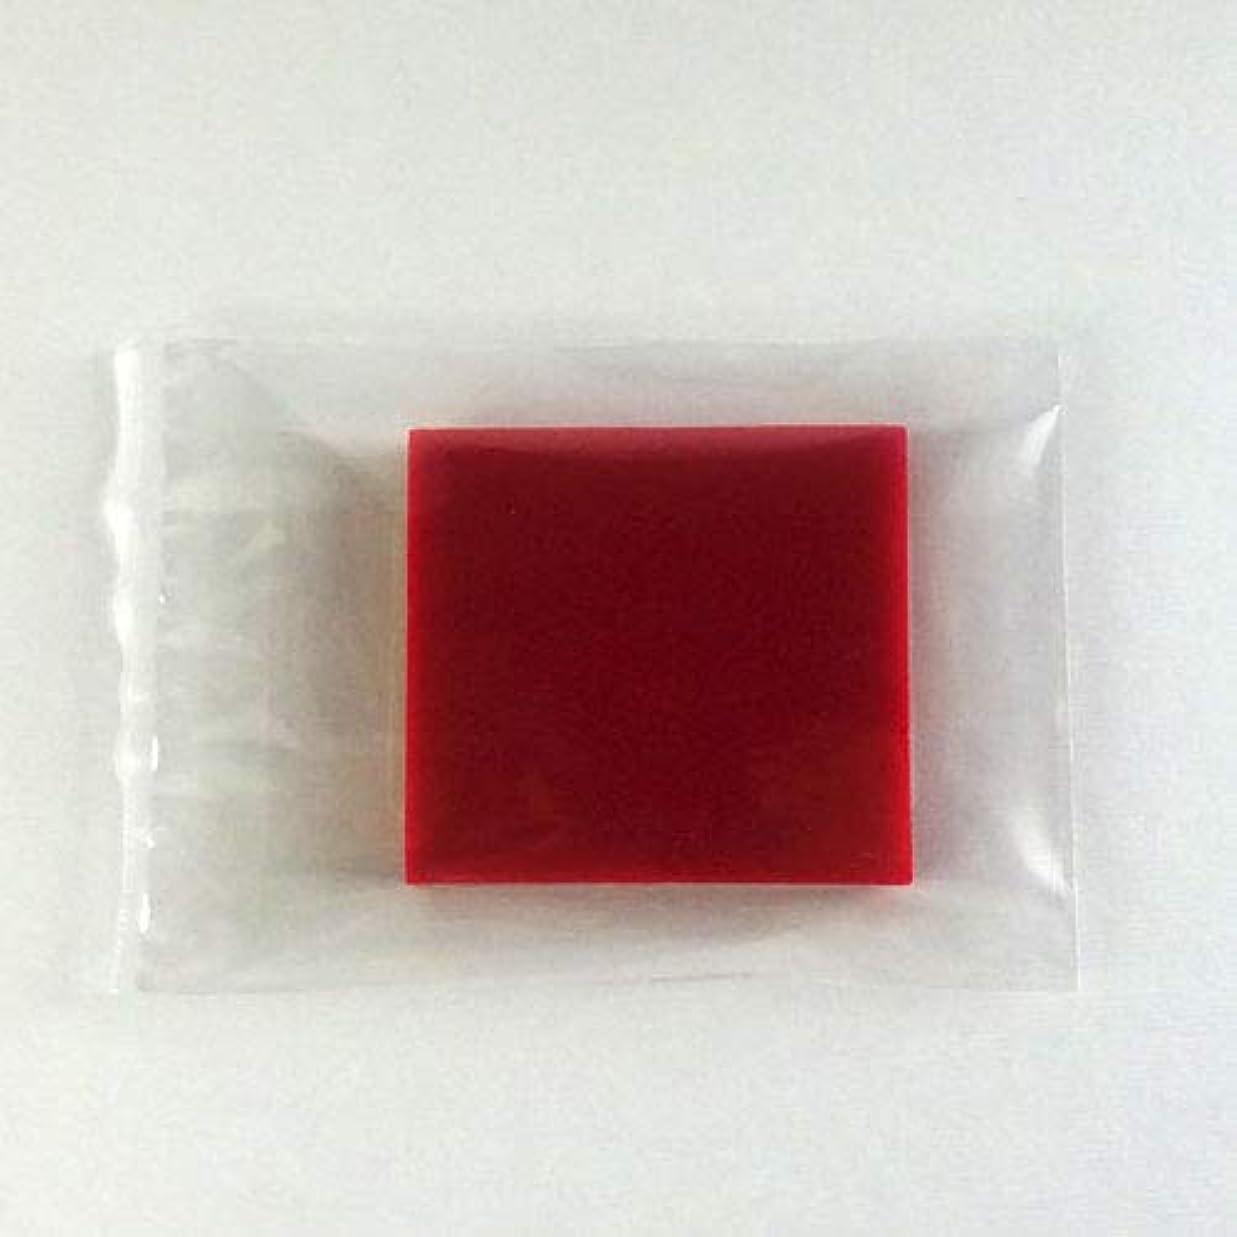 肩をすくめるシャットシャットグリセリンソープ MPソープ 色チップ 赤(レッド) 120g(30g x 4pc)